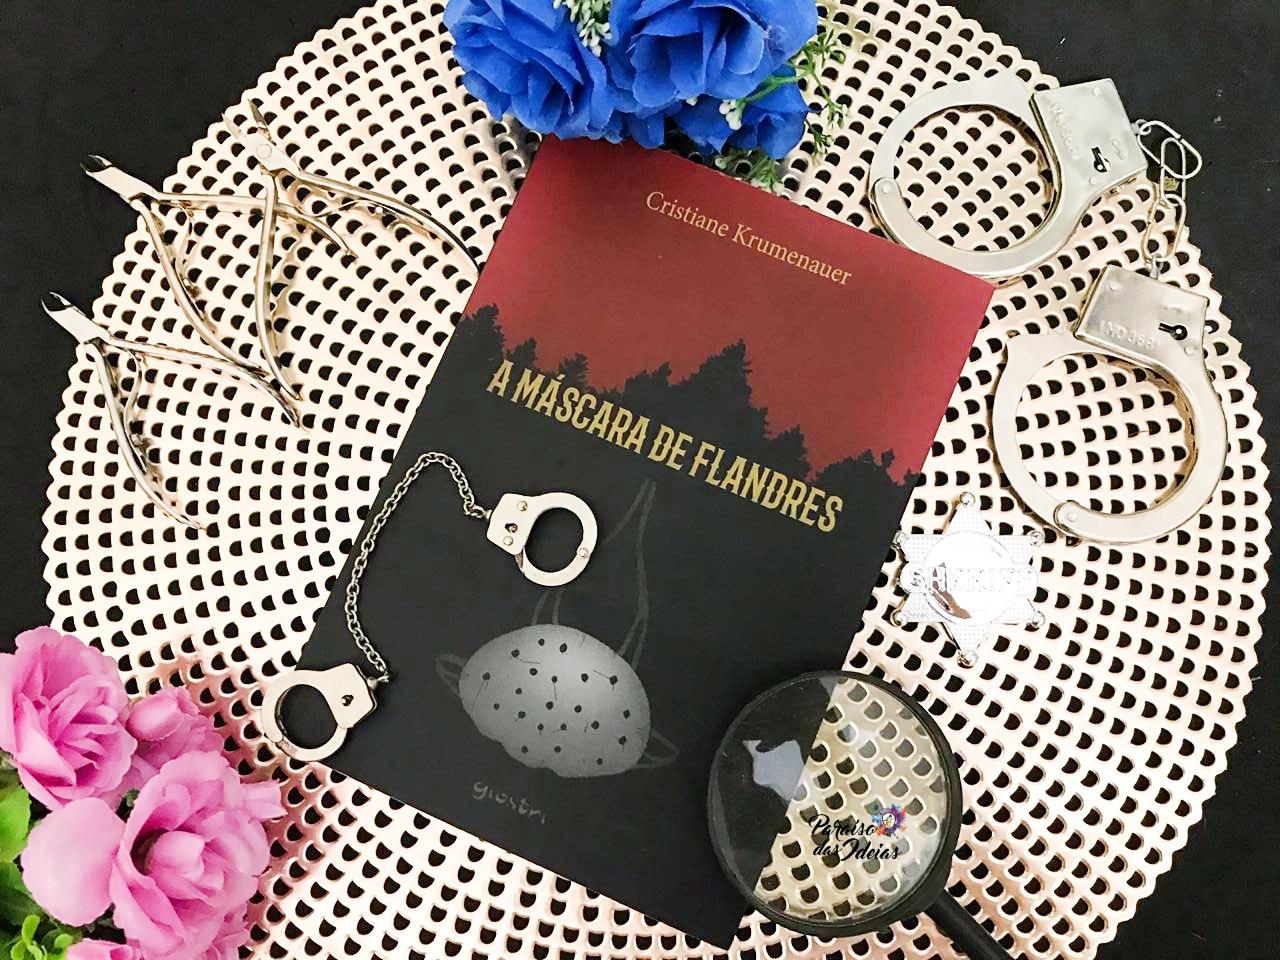 [Resenha] A Máscara de Flandres - Cristiane Krumenauer